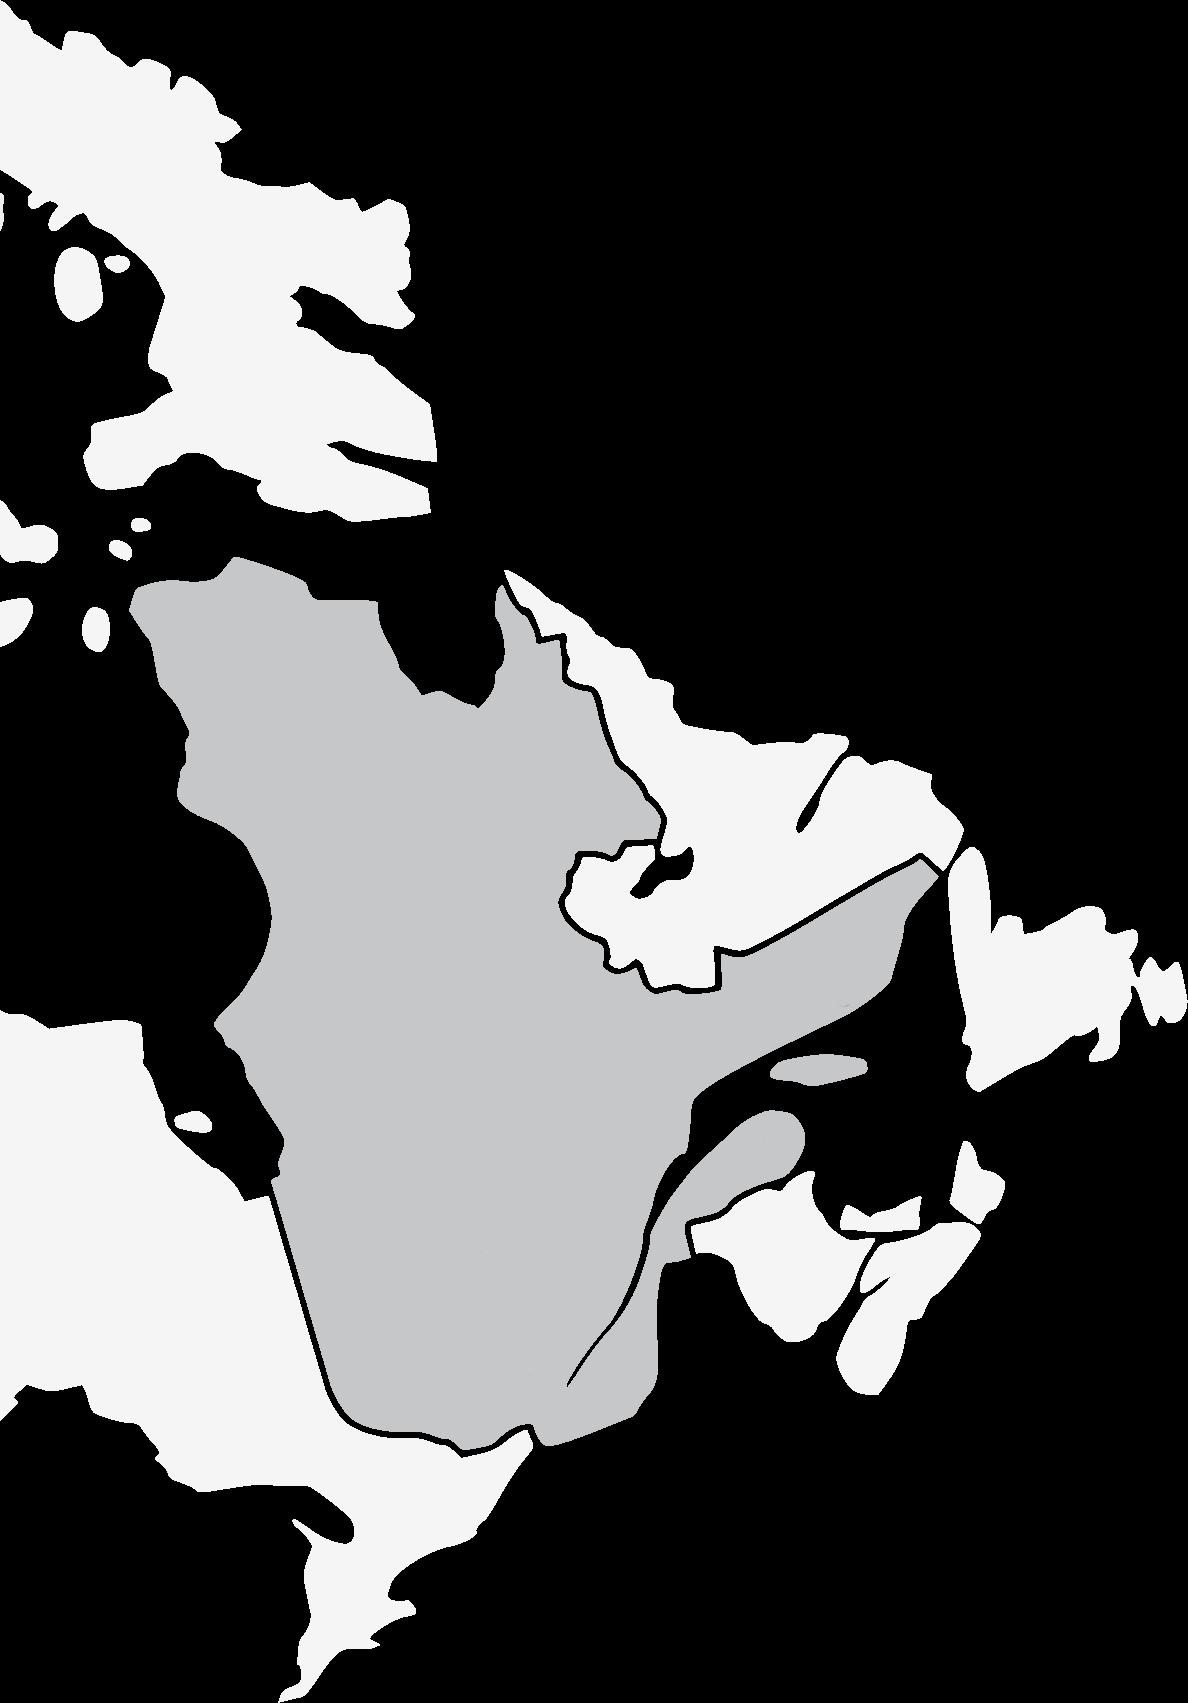 Présence de asisto au Québec